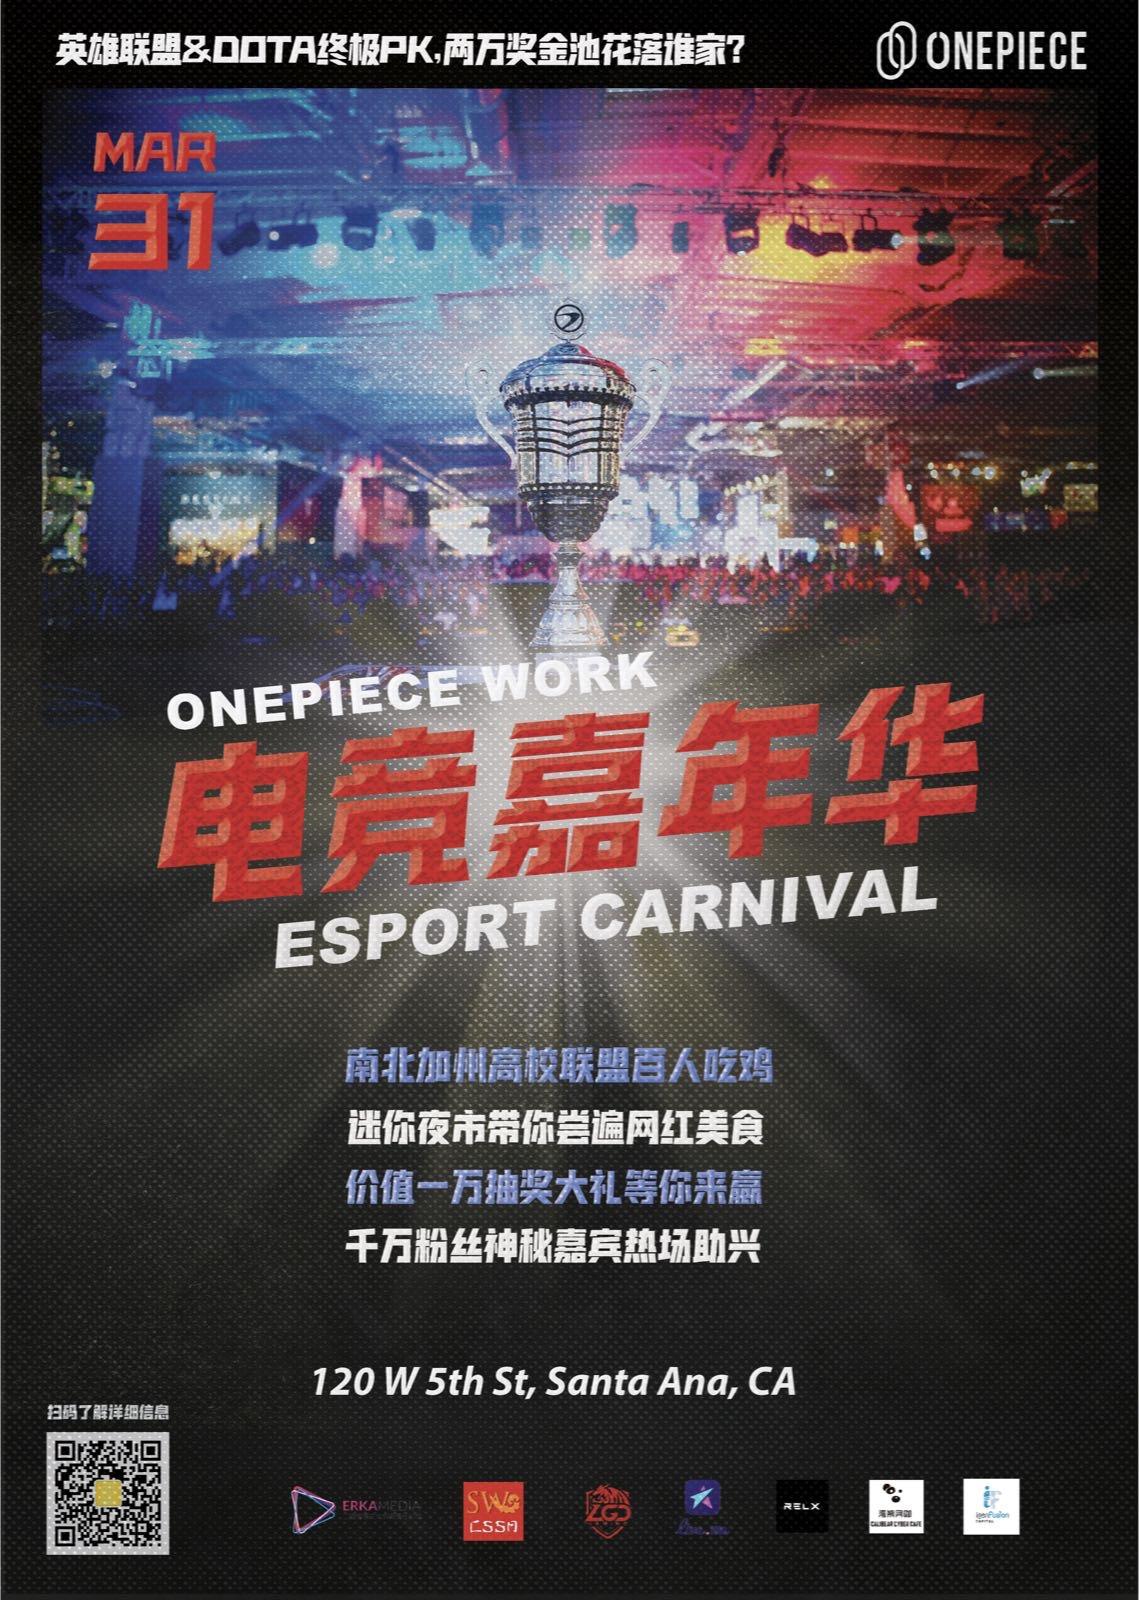 OnePiece Work Esport Carnival